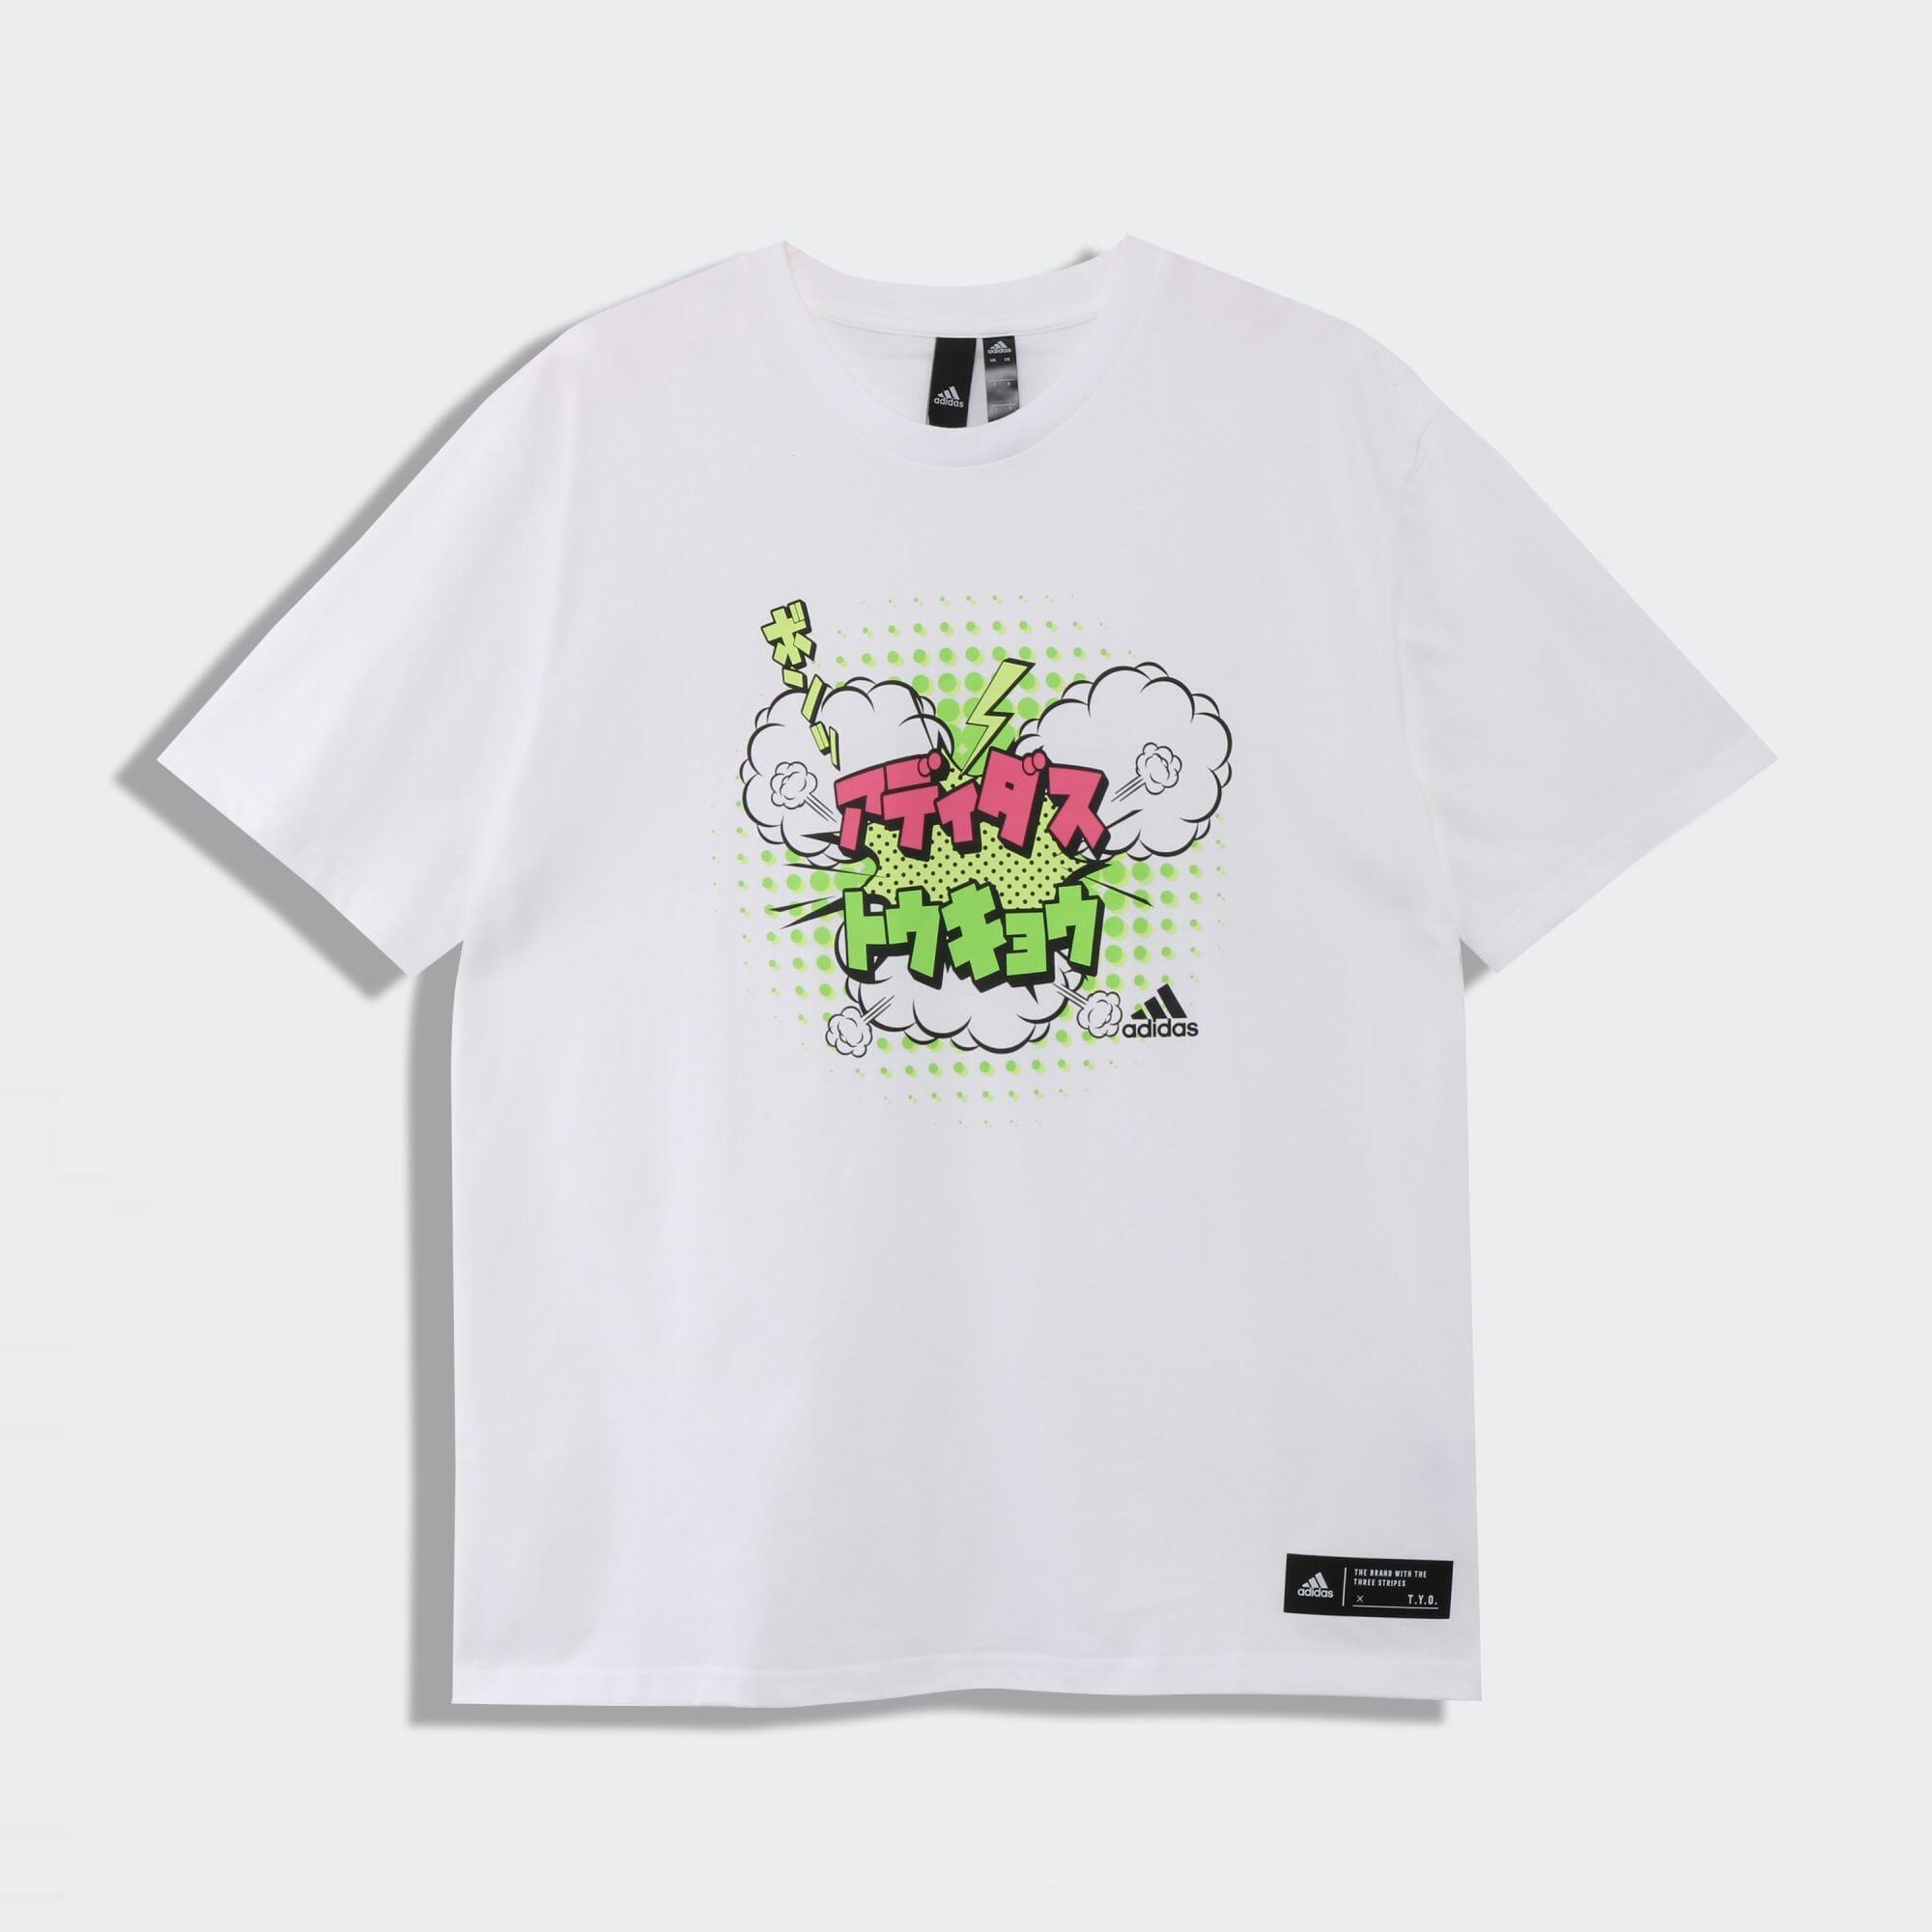 東京ローカル 半袖Tシャツ / Tokyo Local Tee